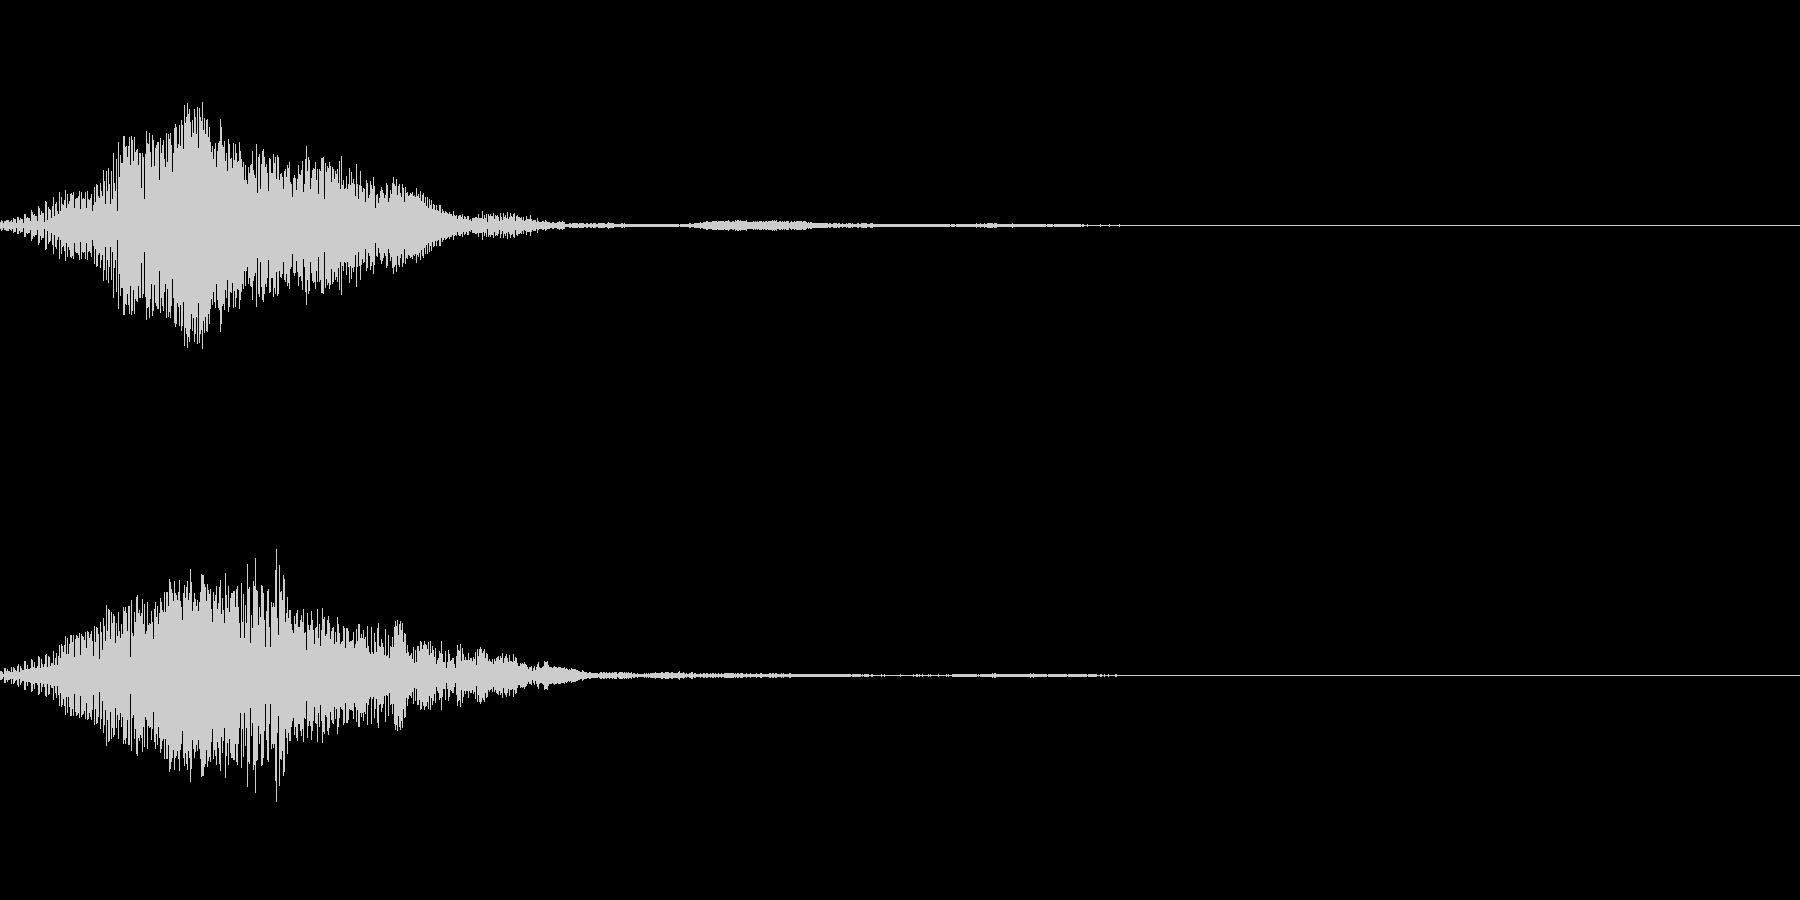 ファンタジーなボタン音の未再生の波形